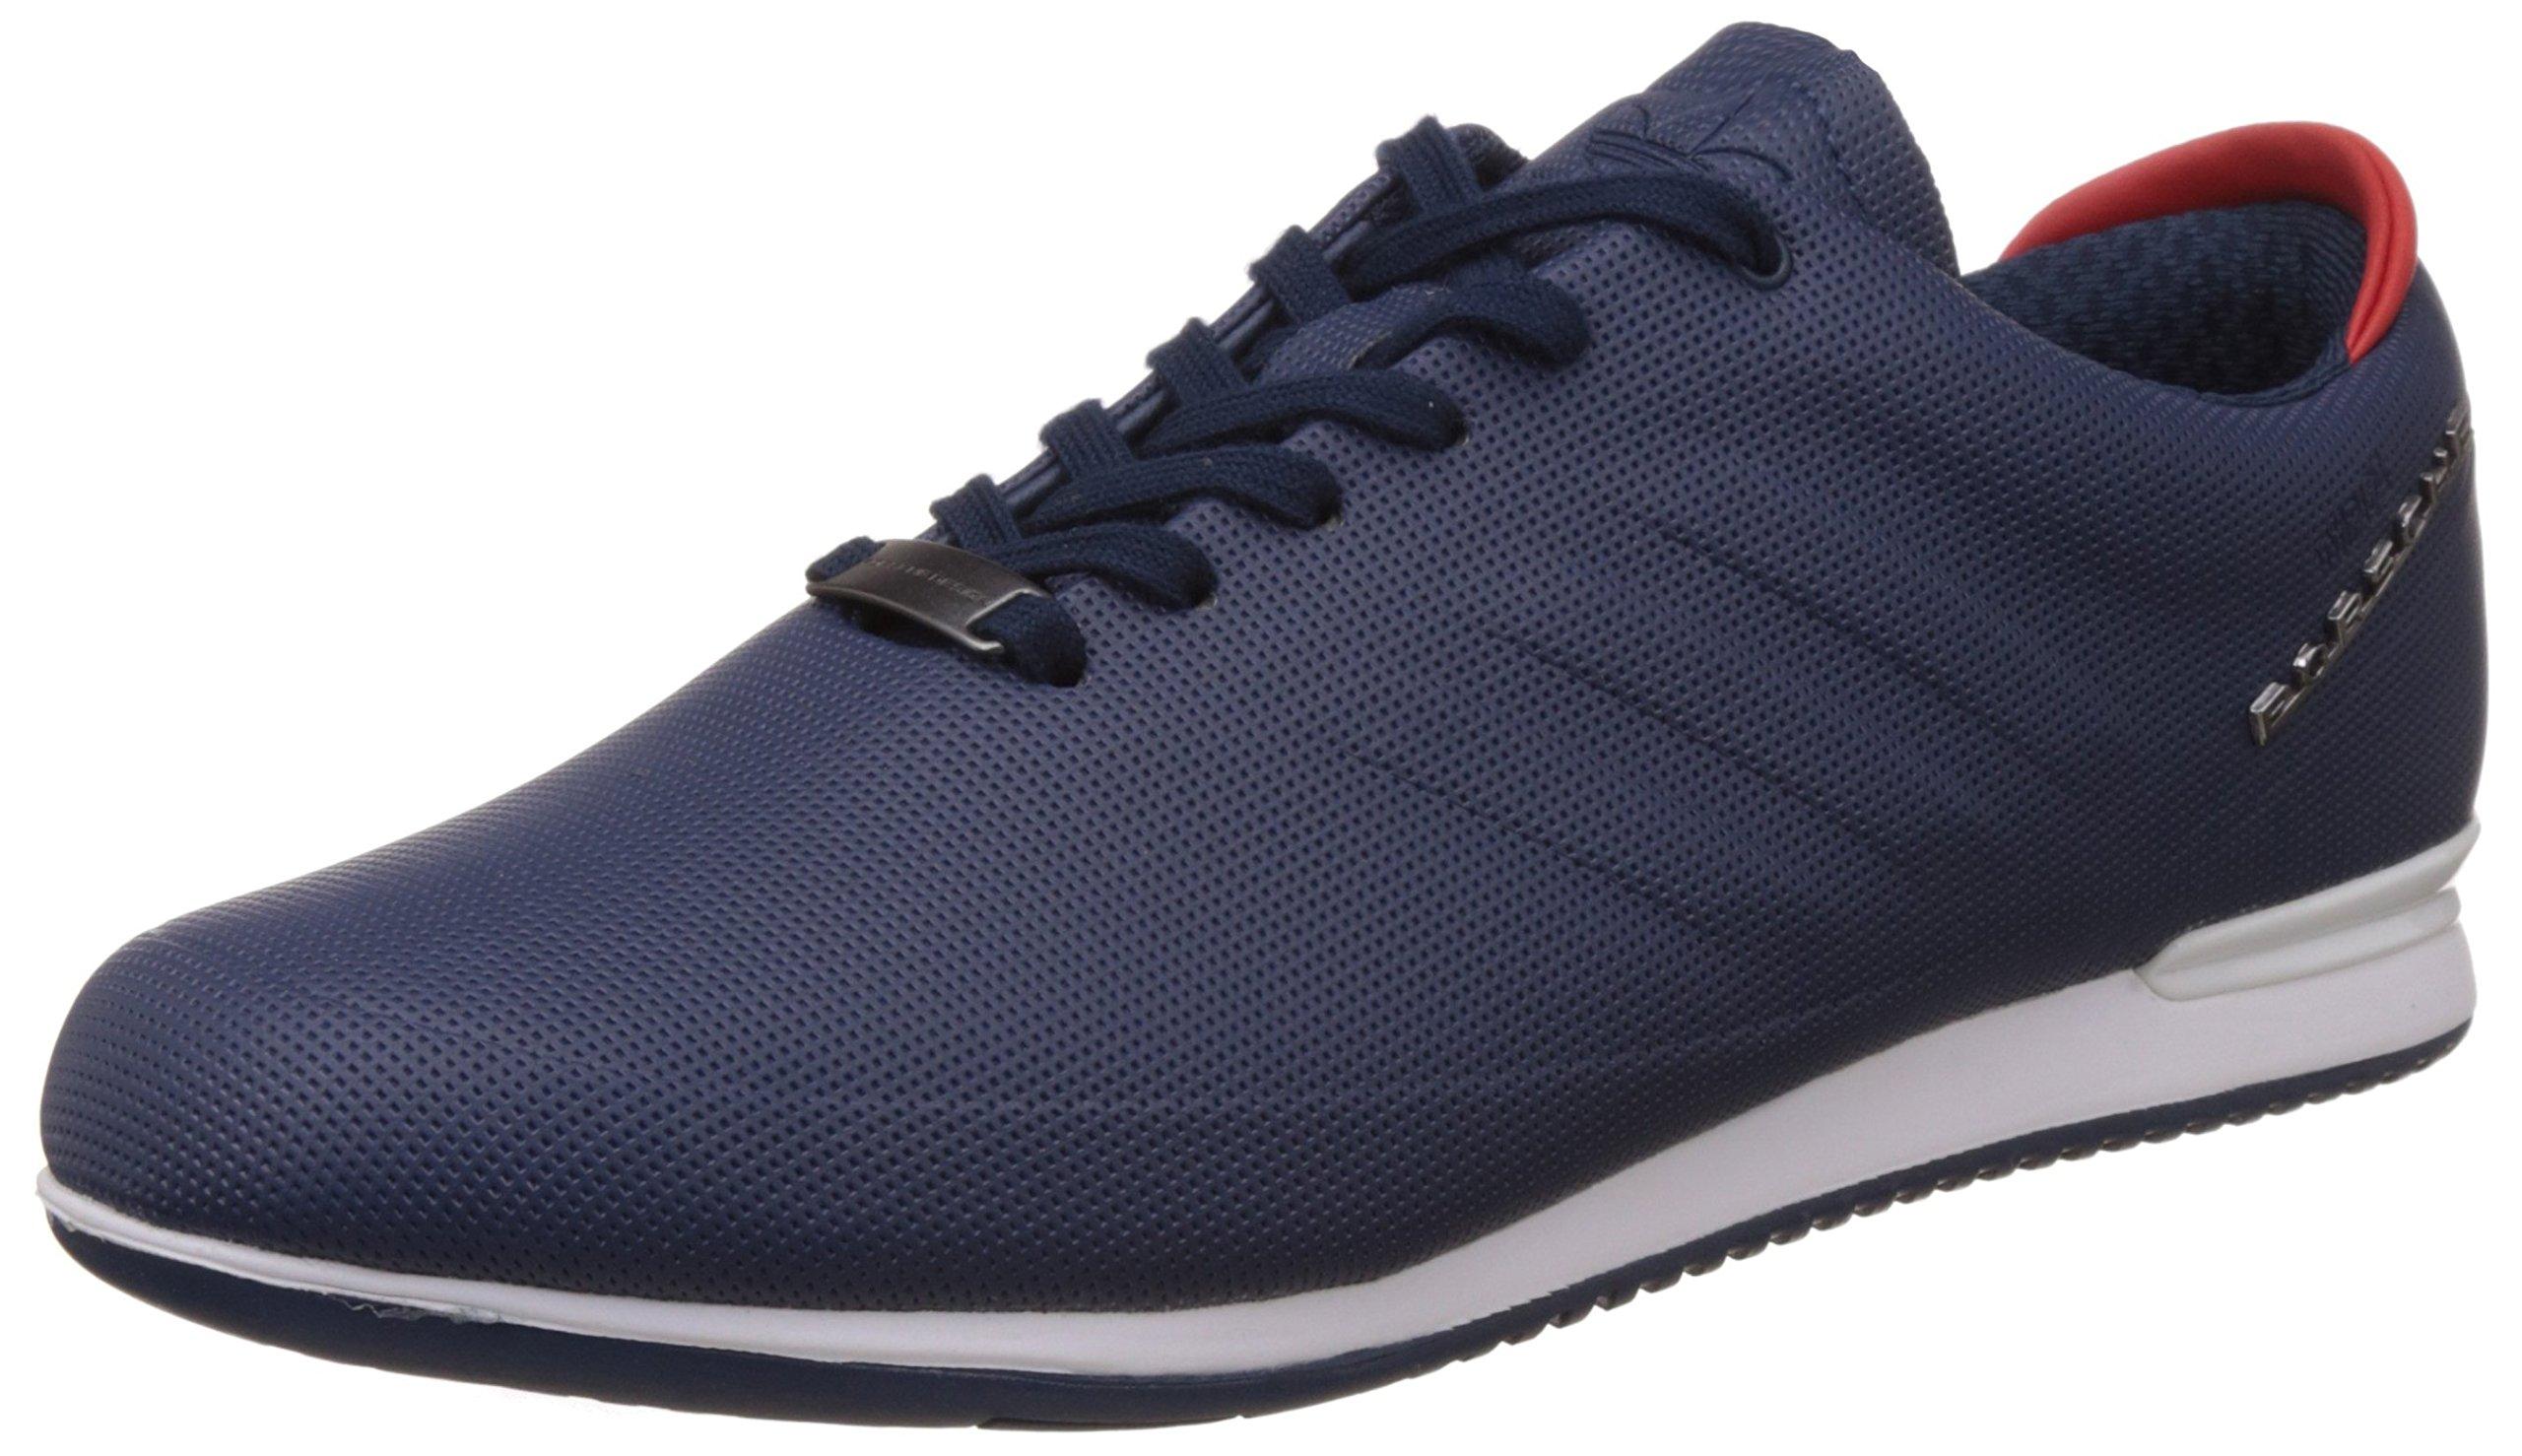 adidas porsche shoes